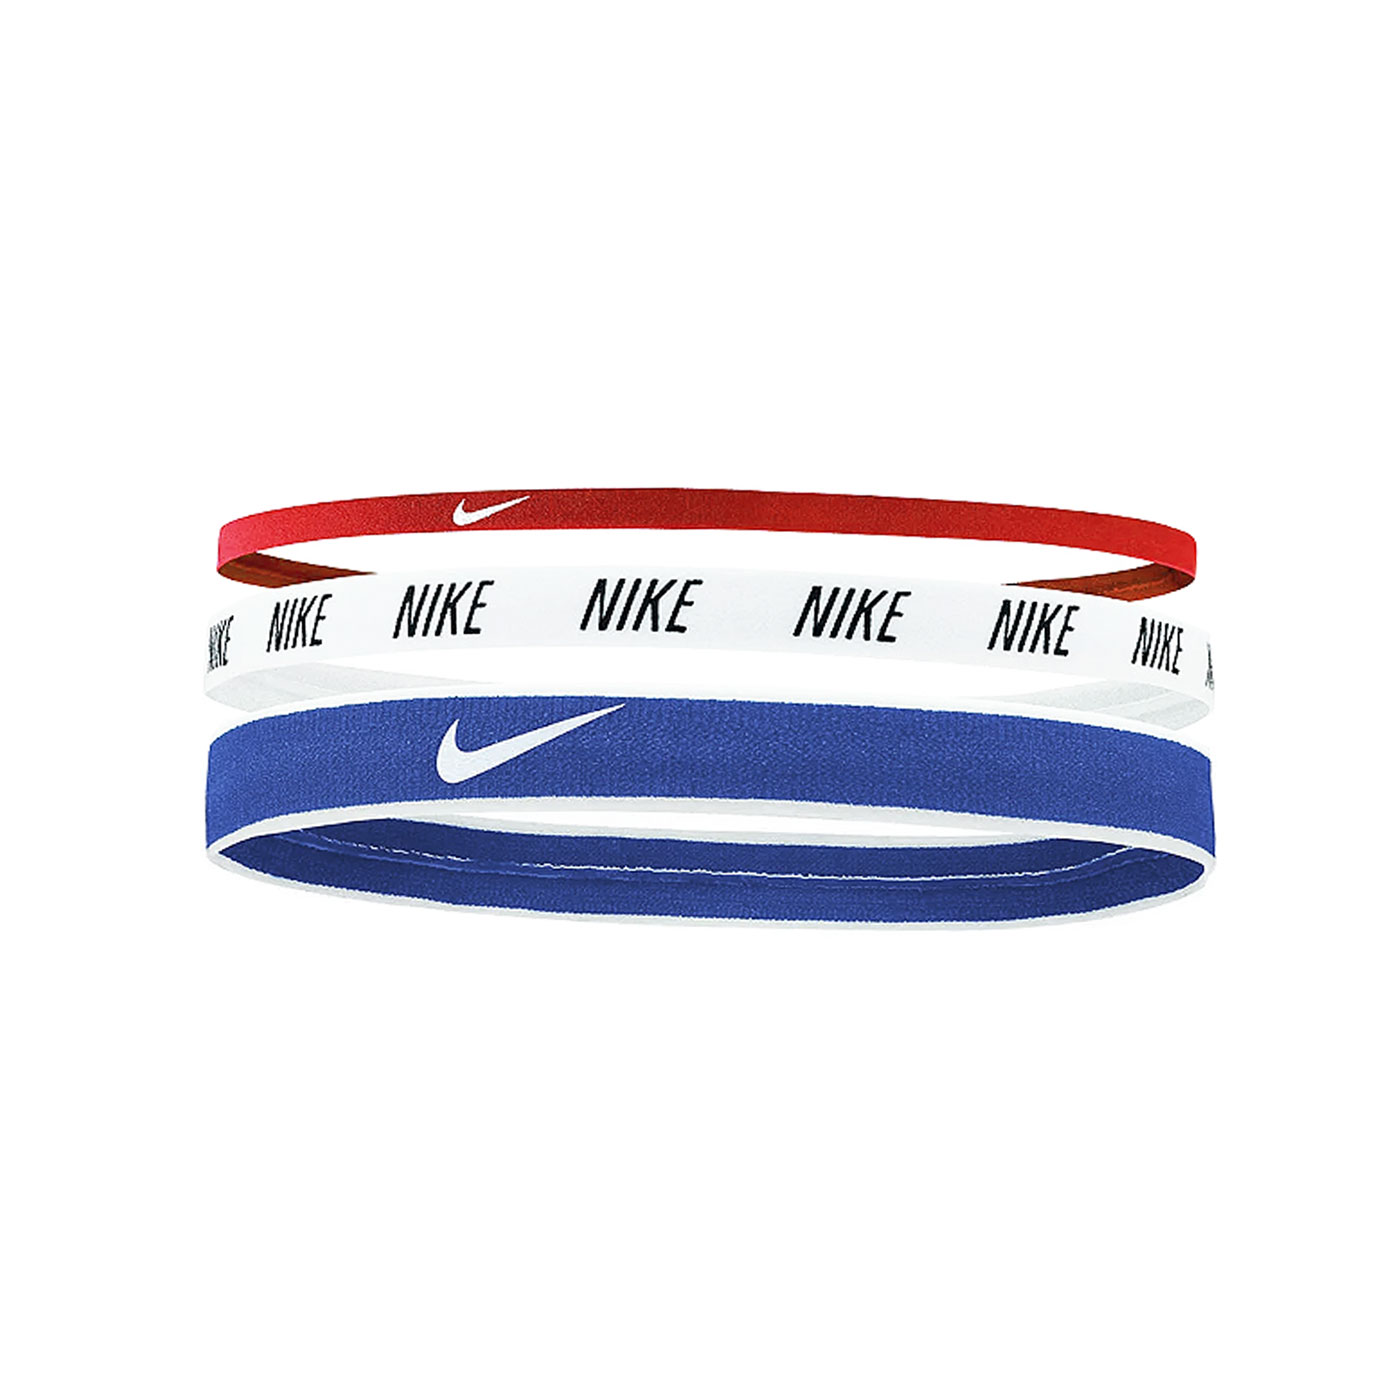 NIKE 混合寬度髮帶(3條入) N0002548905OS - 藍白紅黑